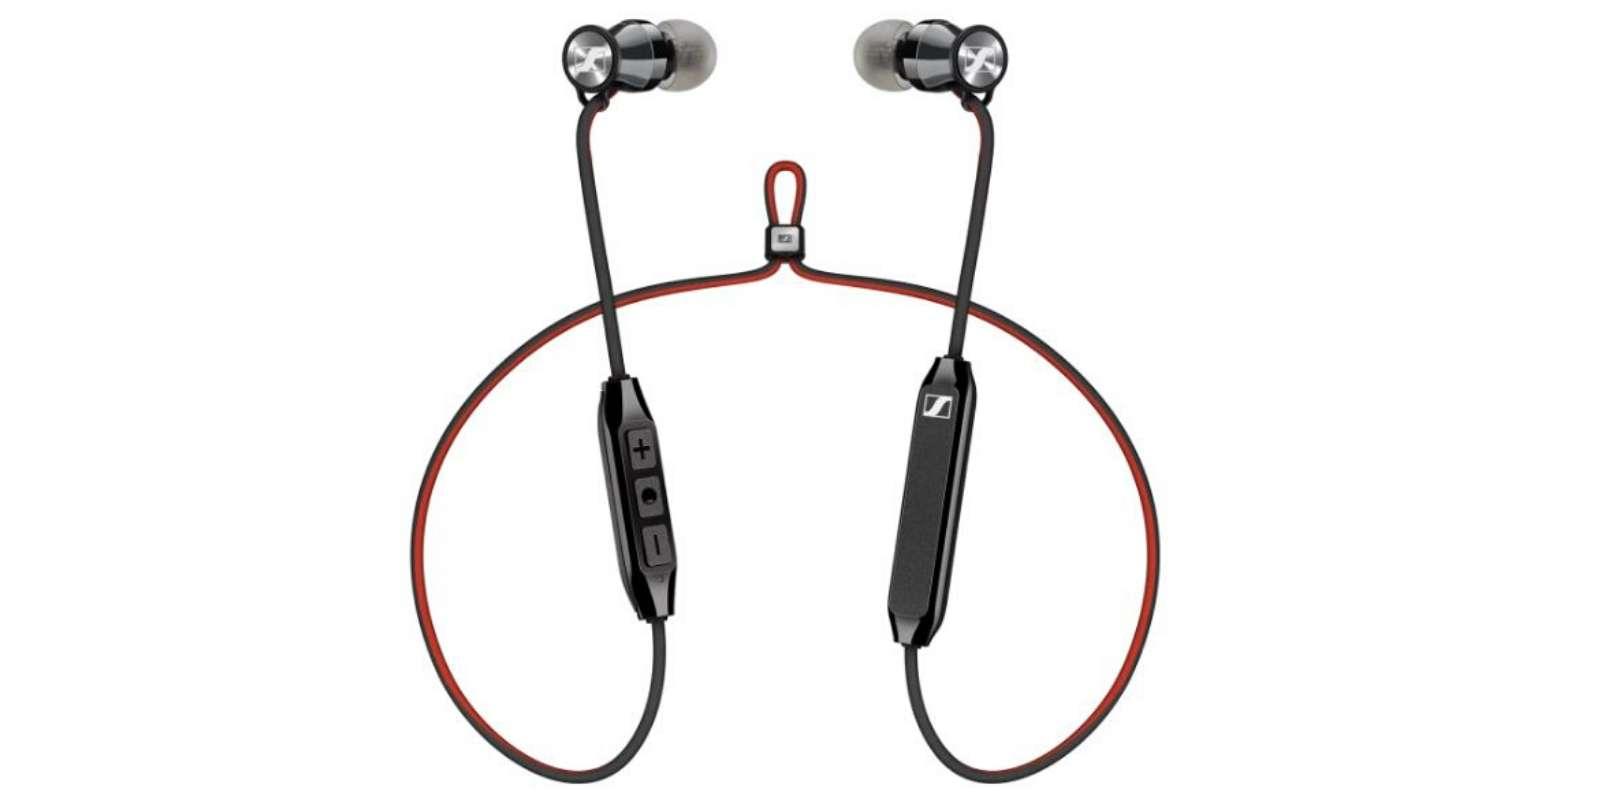 Le casque audio Momentum Free de Sennheiser sera le parfait compagnon lors d'escapades urbaines ou de séances sportives. © Sennheiser